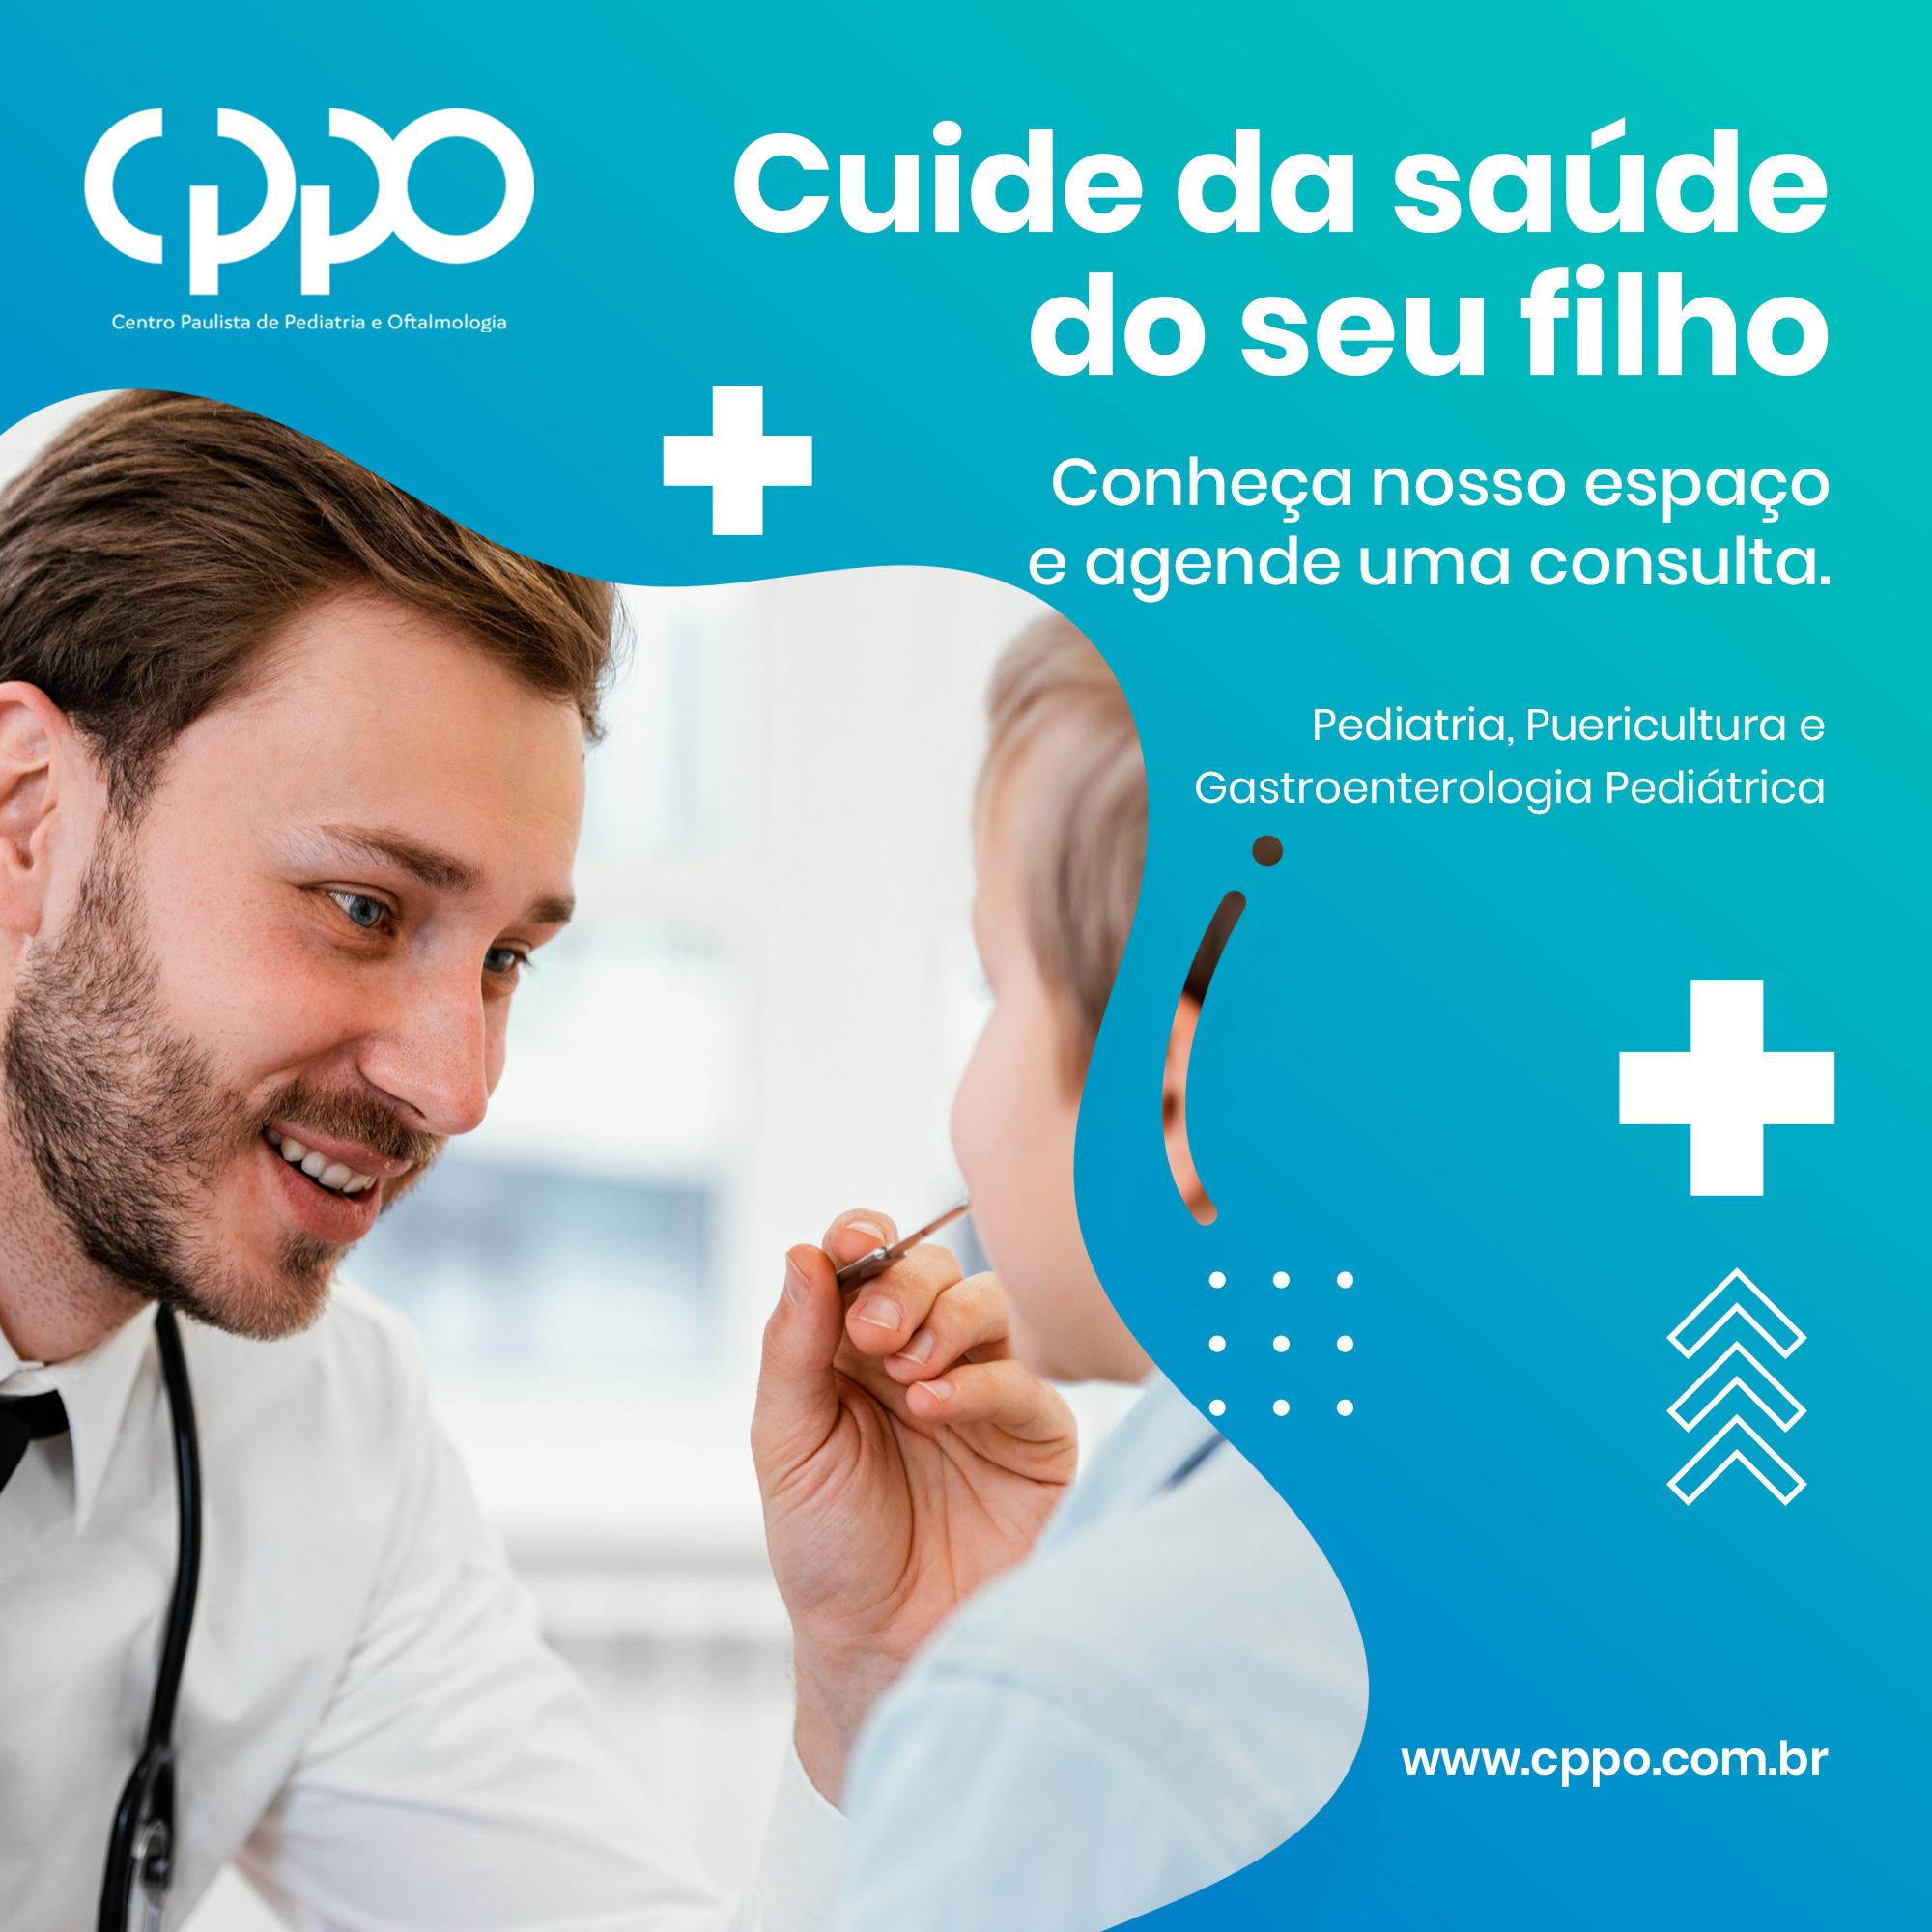 ccpo_pediatria